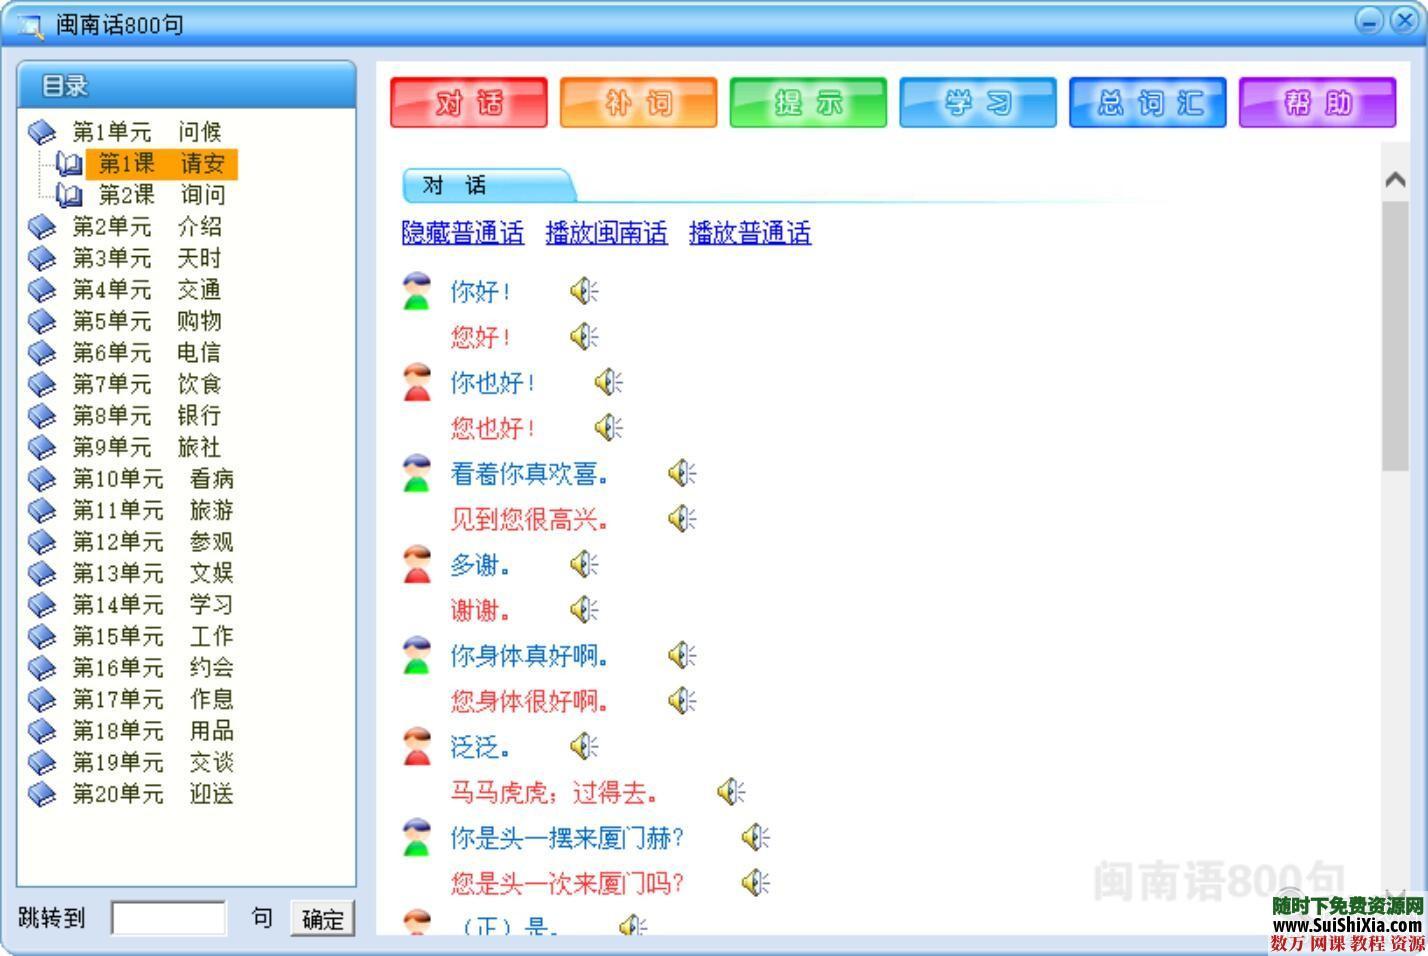 零基础闽南语泉州话厦门话台湾话教程资料全套大量MP3教学速成软件800句 第14张